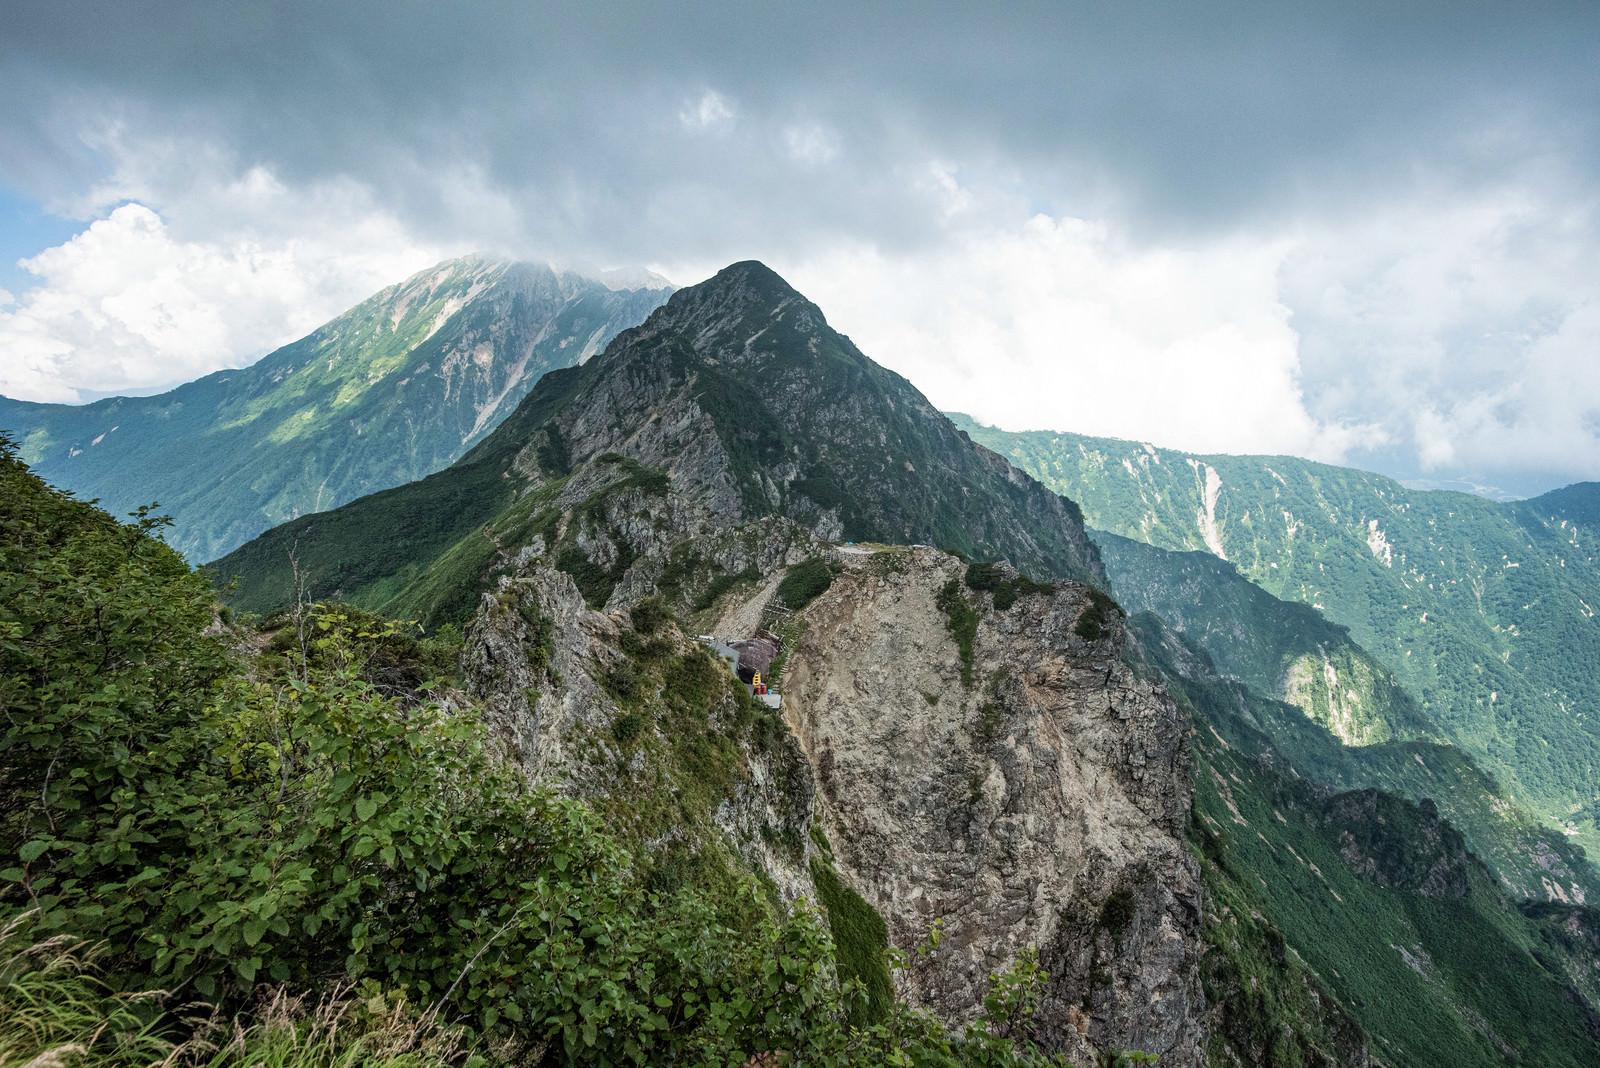 「崖の山荘と稜線」の写真